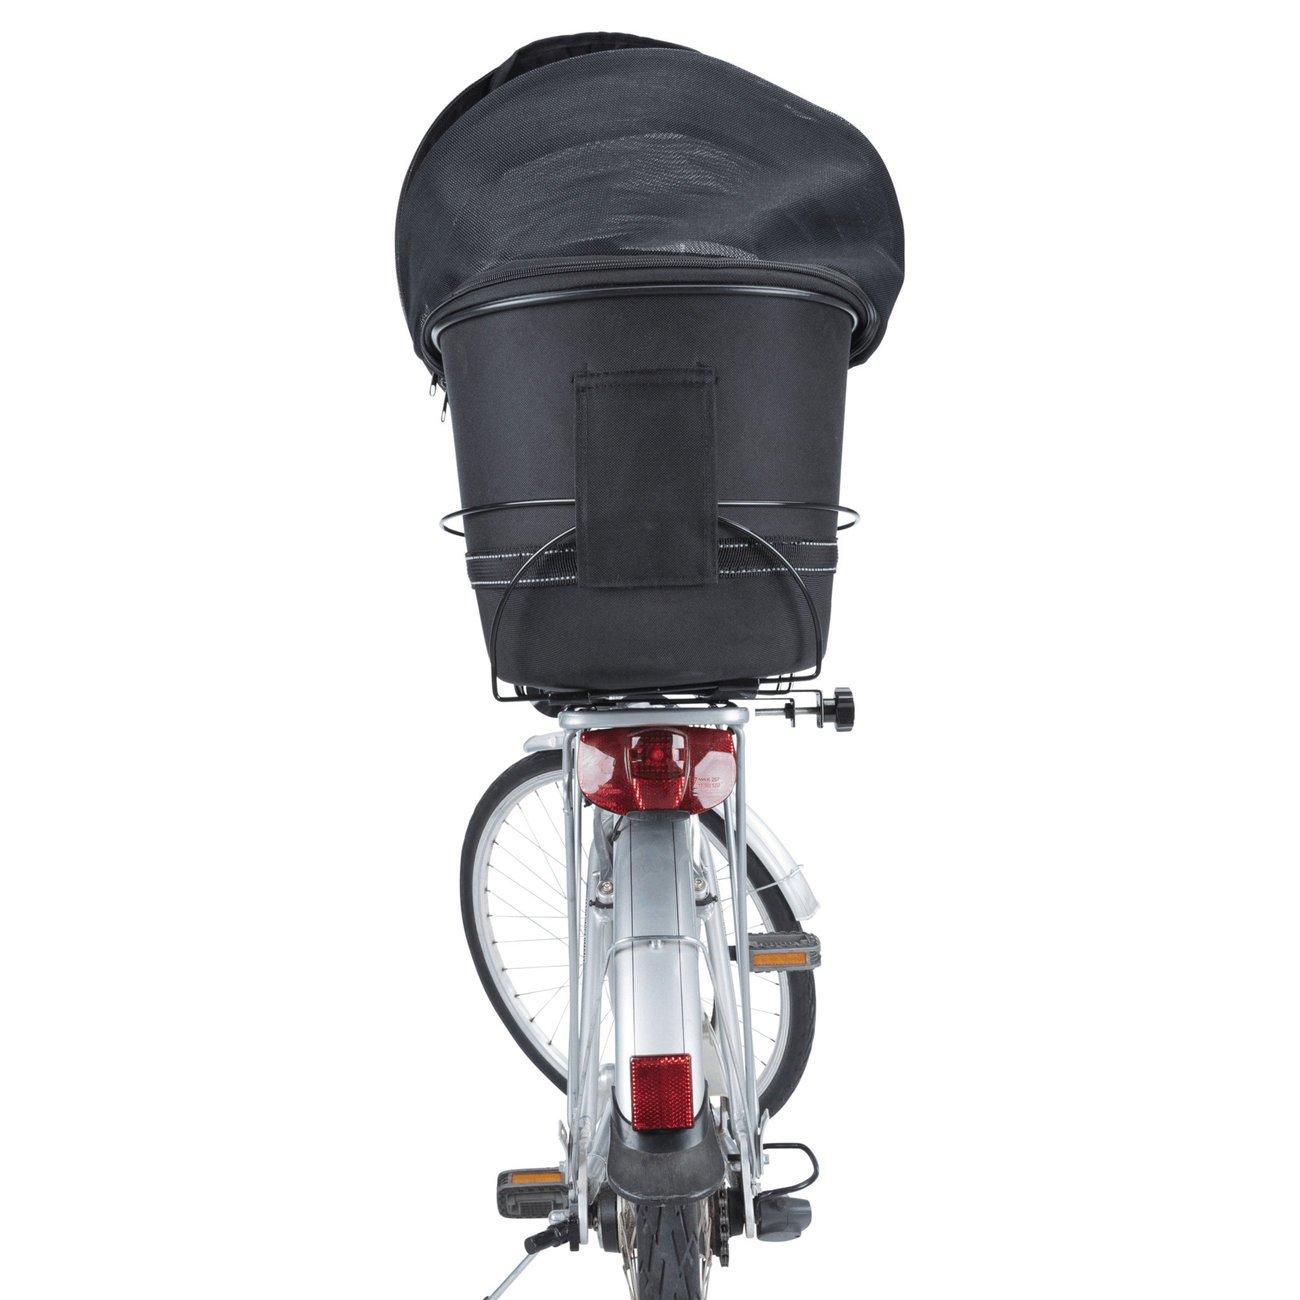 TRIXIE Hunde Fahrradkorb Long für breite Gepäckträger 13110, Bild 17